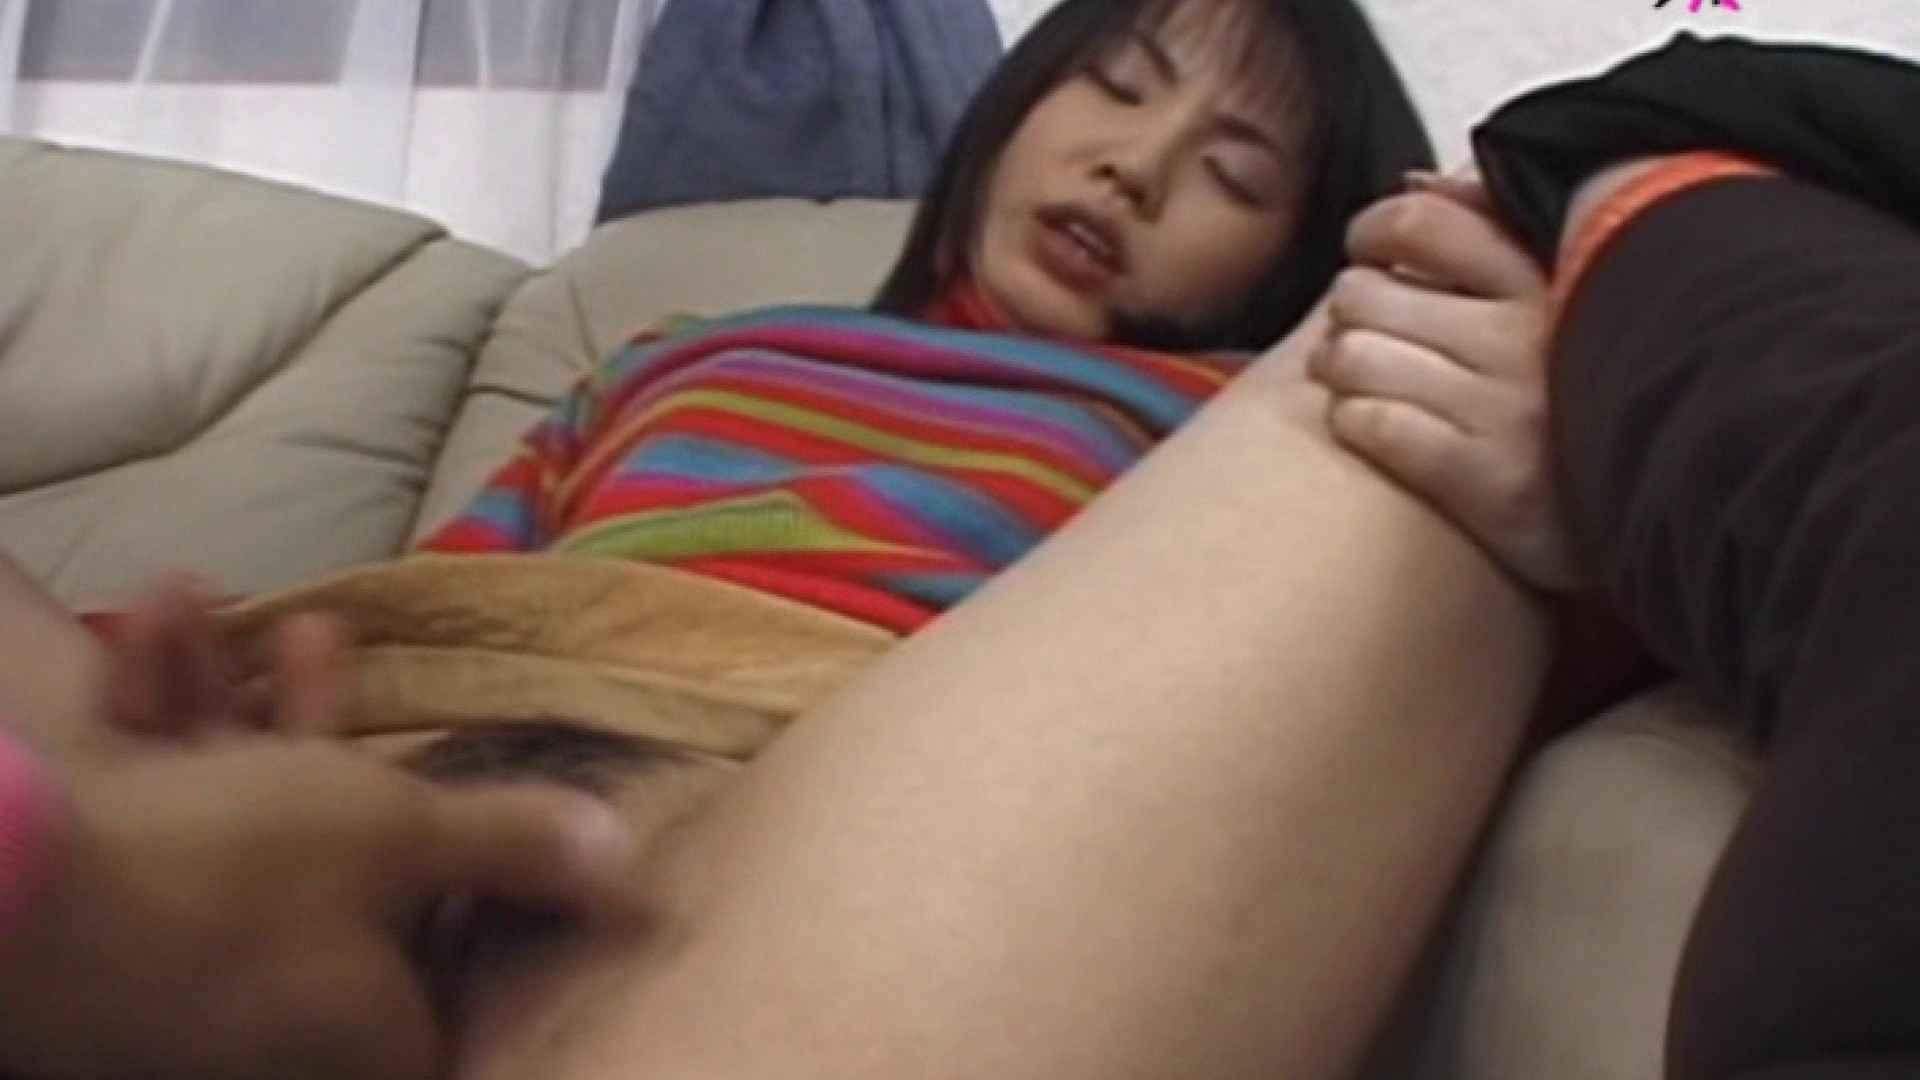 おしえてギャル子のH塾 Vol.42前編 無修正マンコ のぞき動画画像 105PIX 88